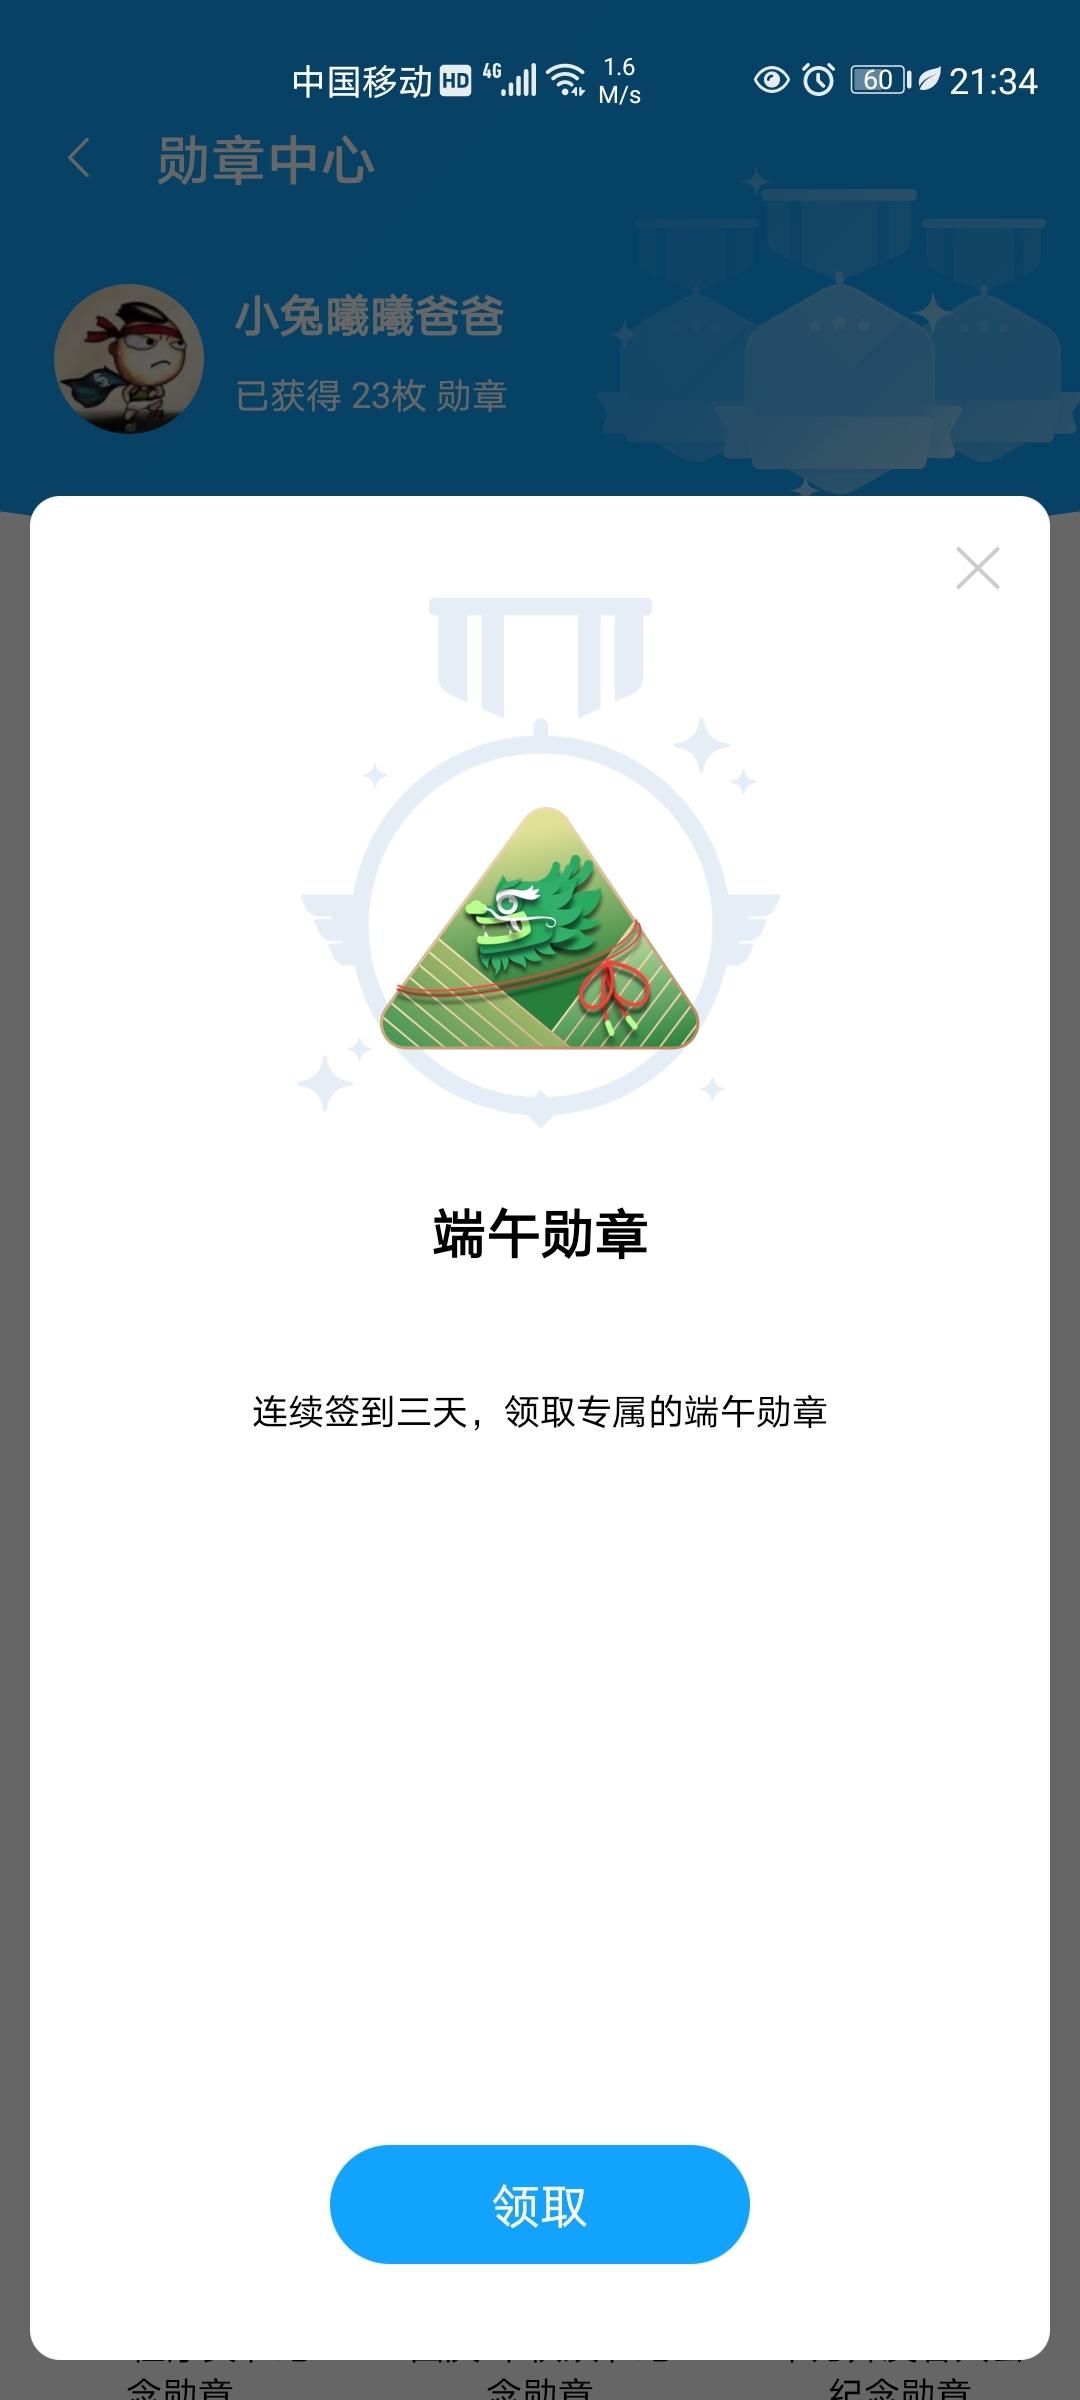 Screenshot_20210611_213425_com.huawei.fans.jpg